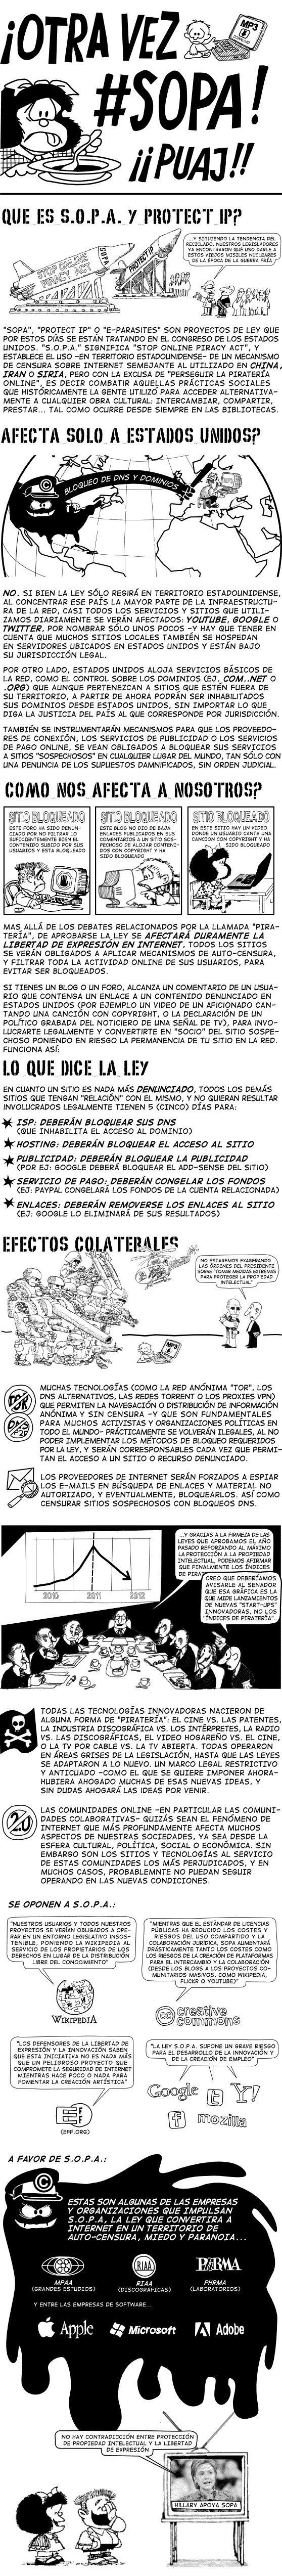 sopa_mafalda